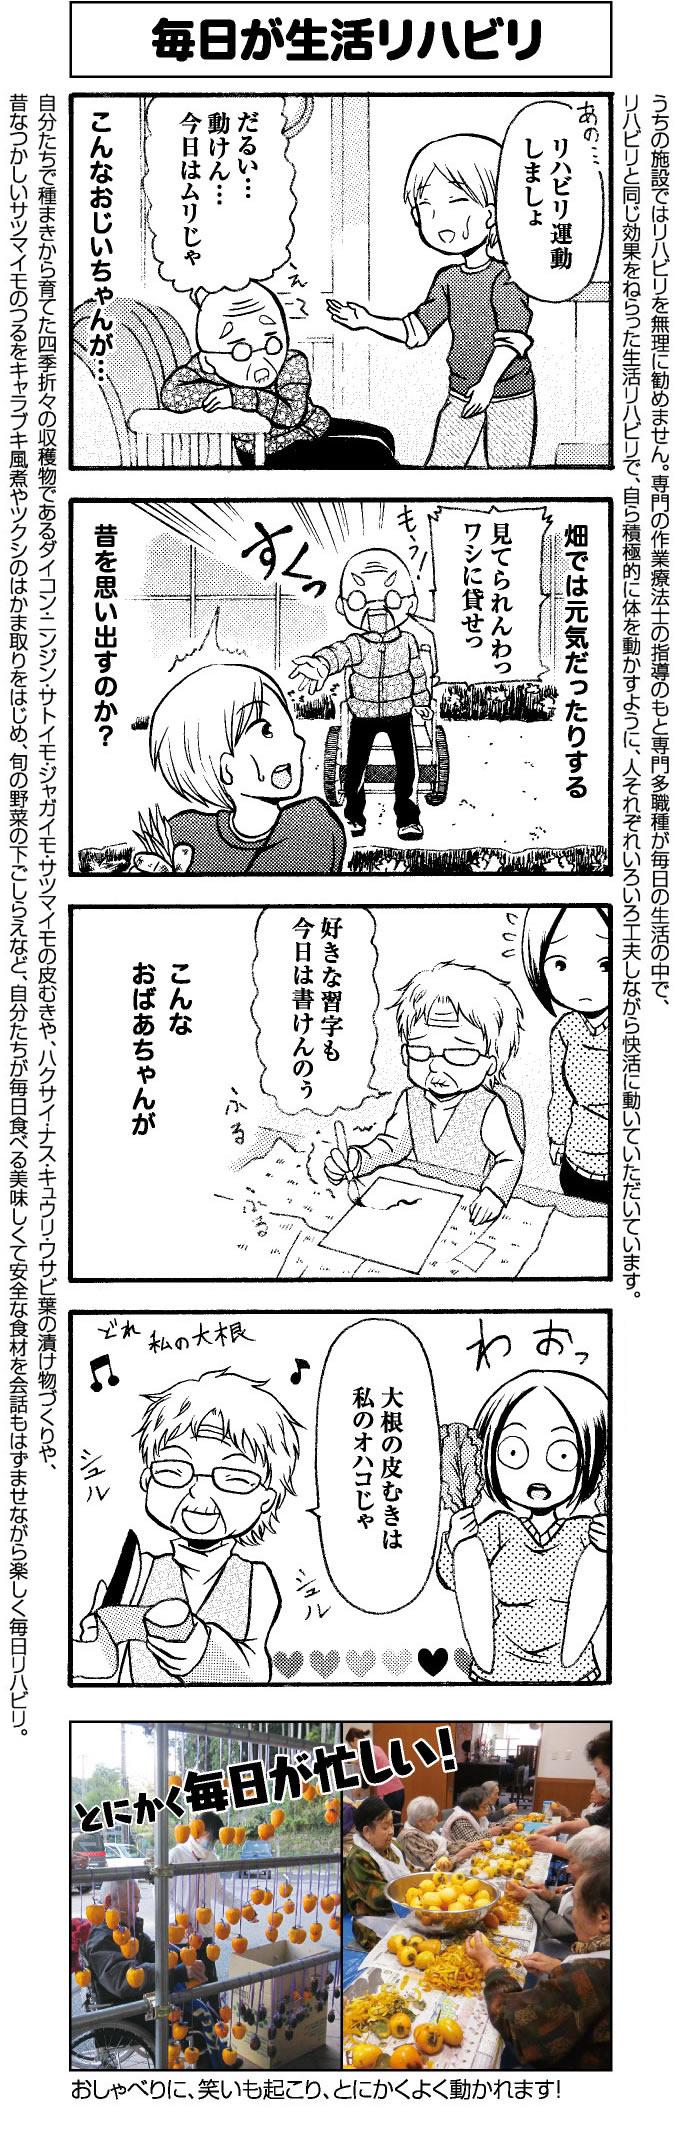 manga21